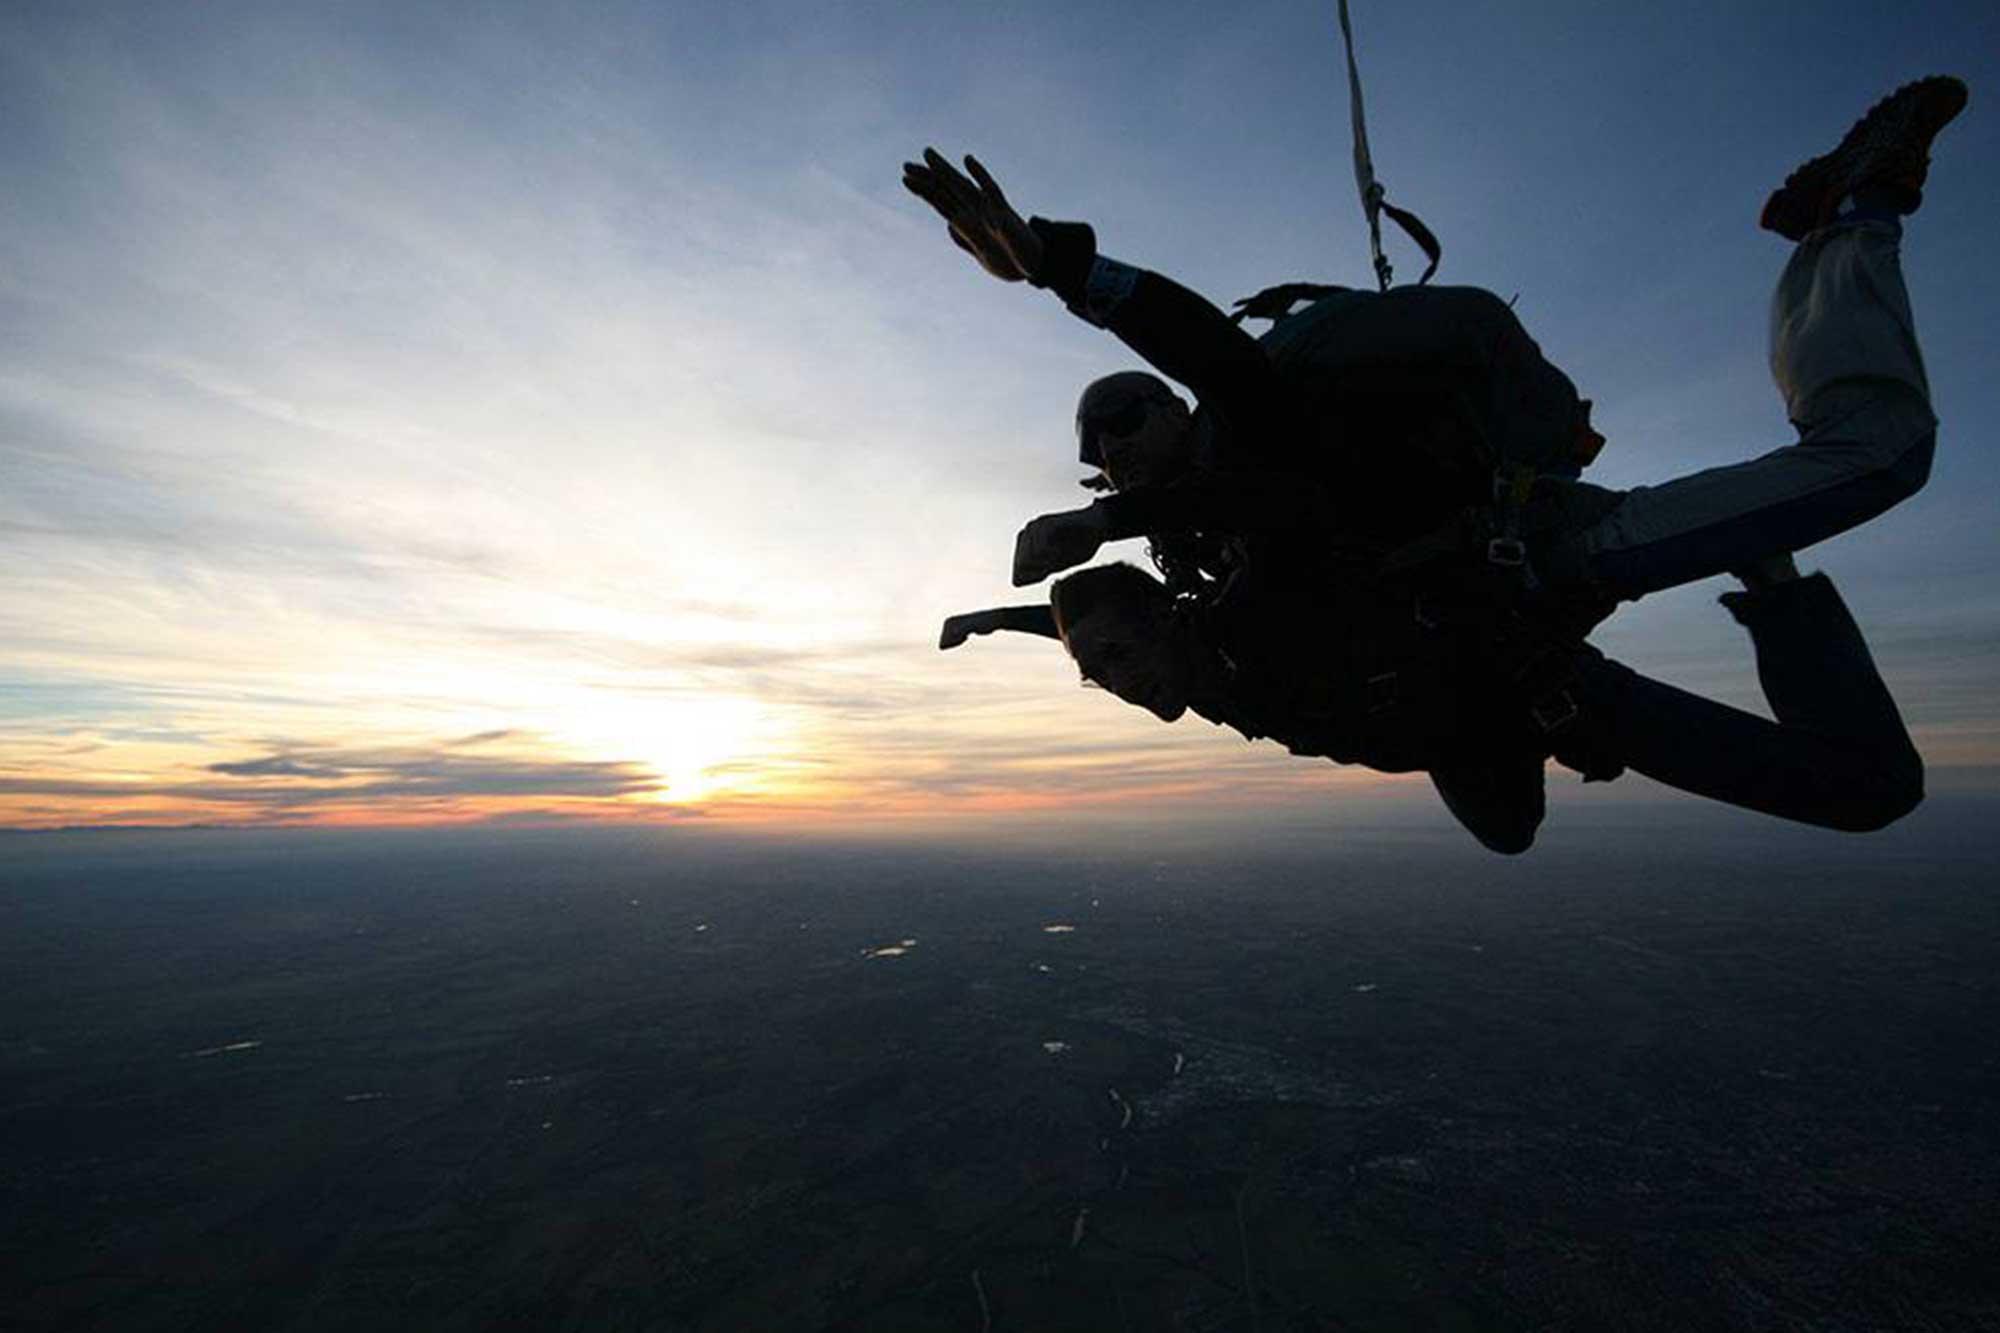 saut-parachute-tandem-aubenas-en-ardeche-drome